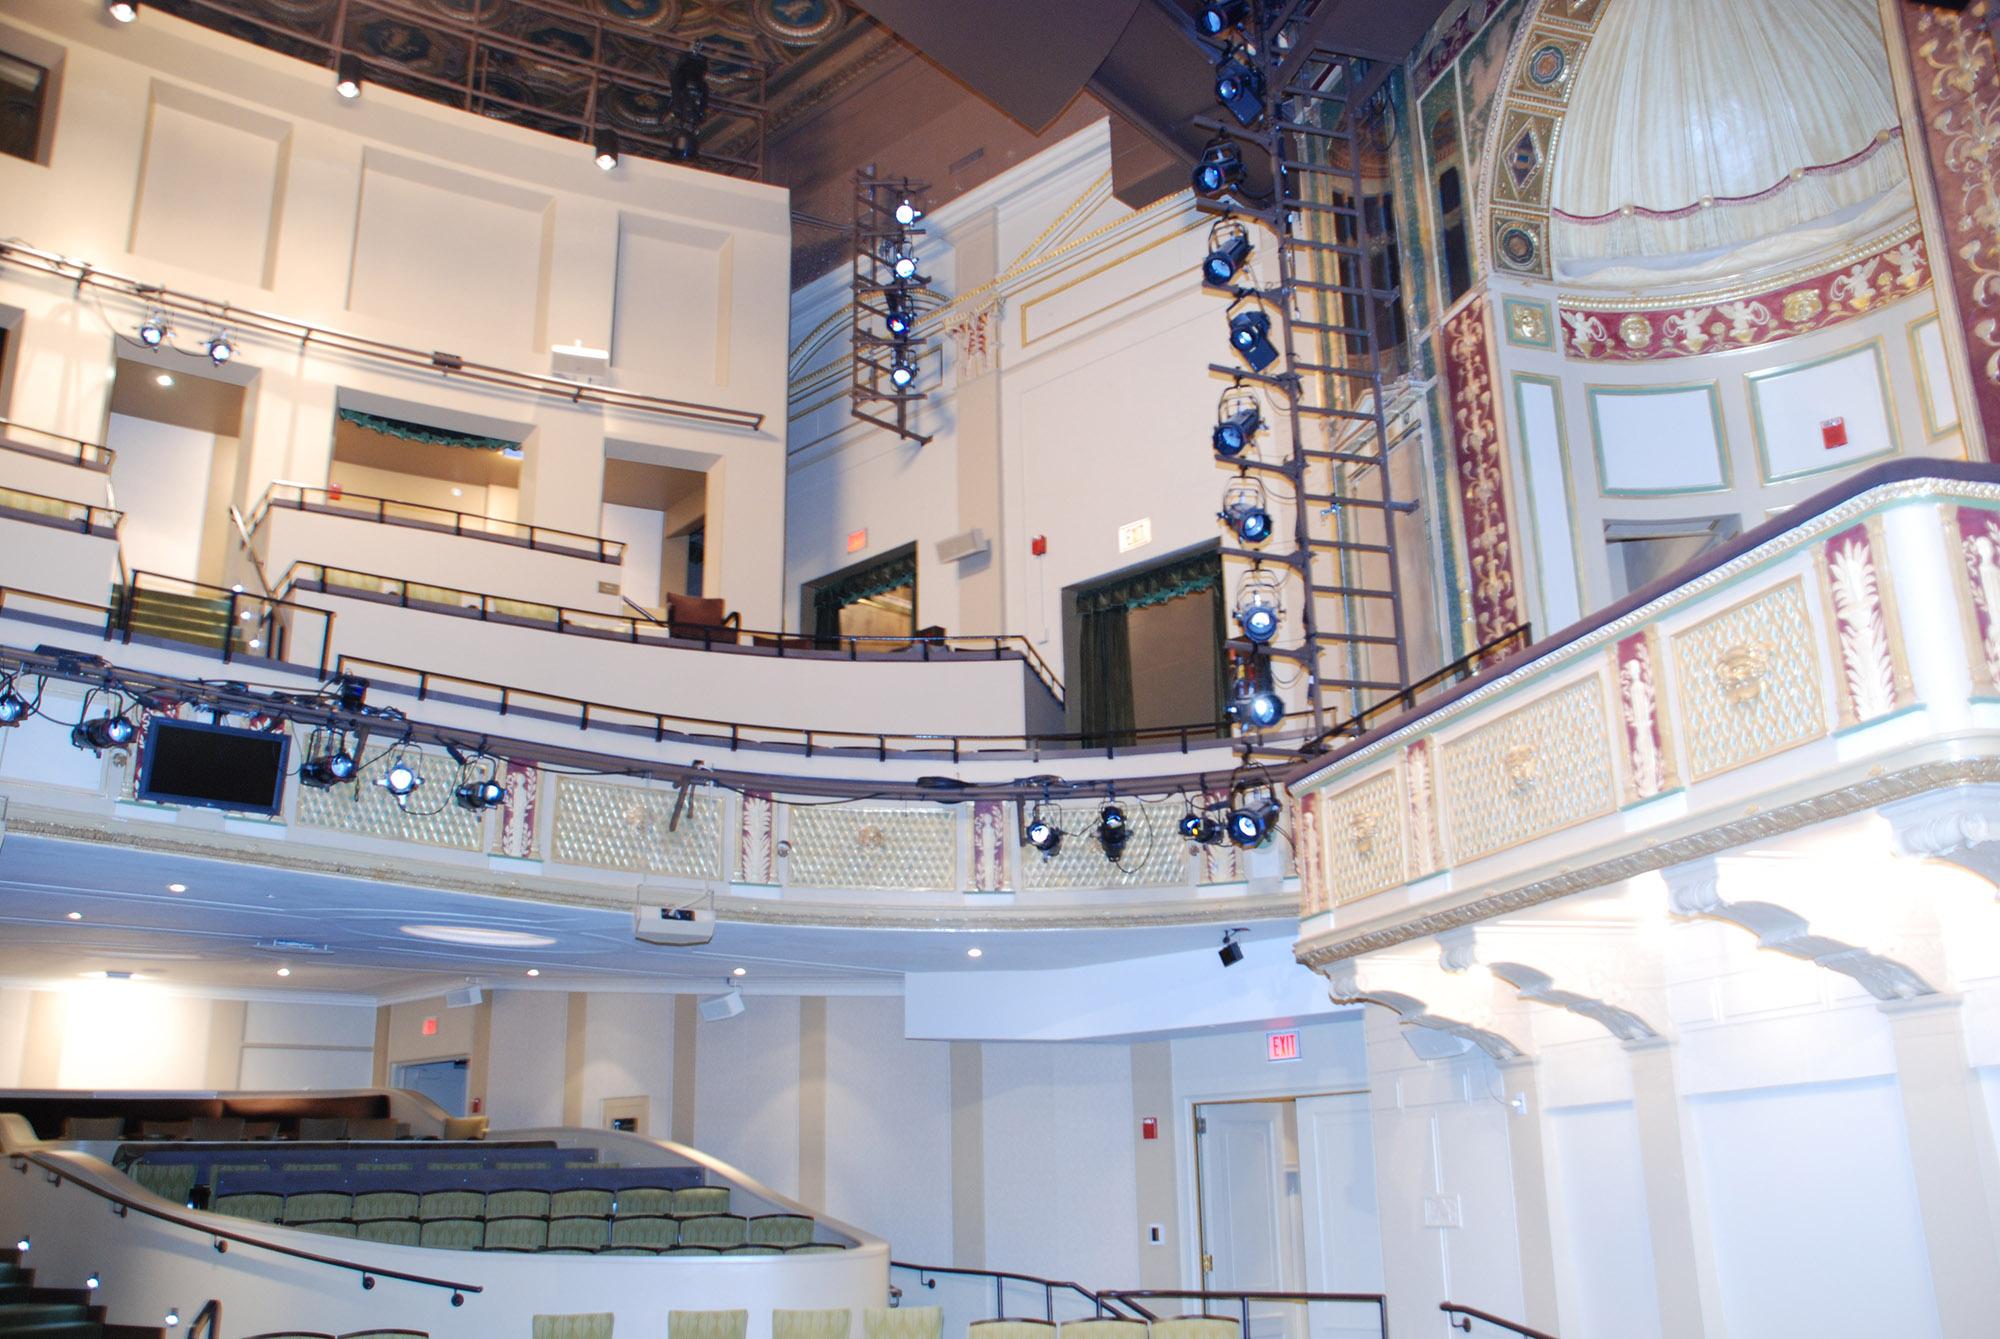 Hanna-Theatre-14-web